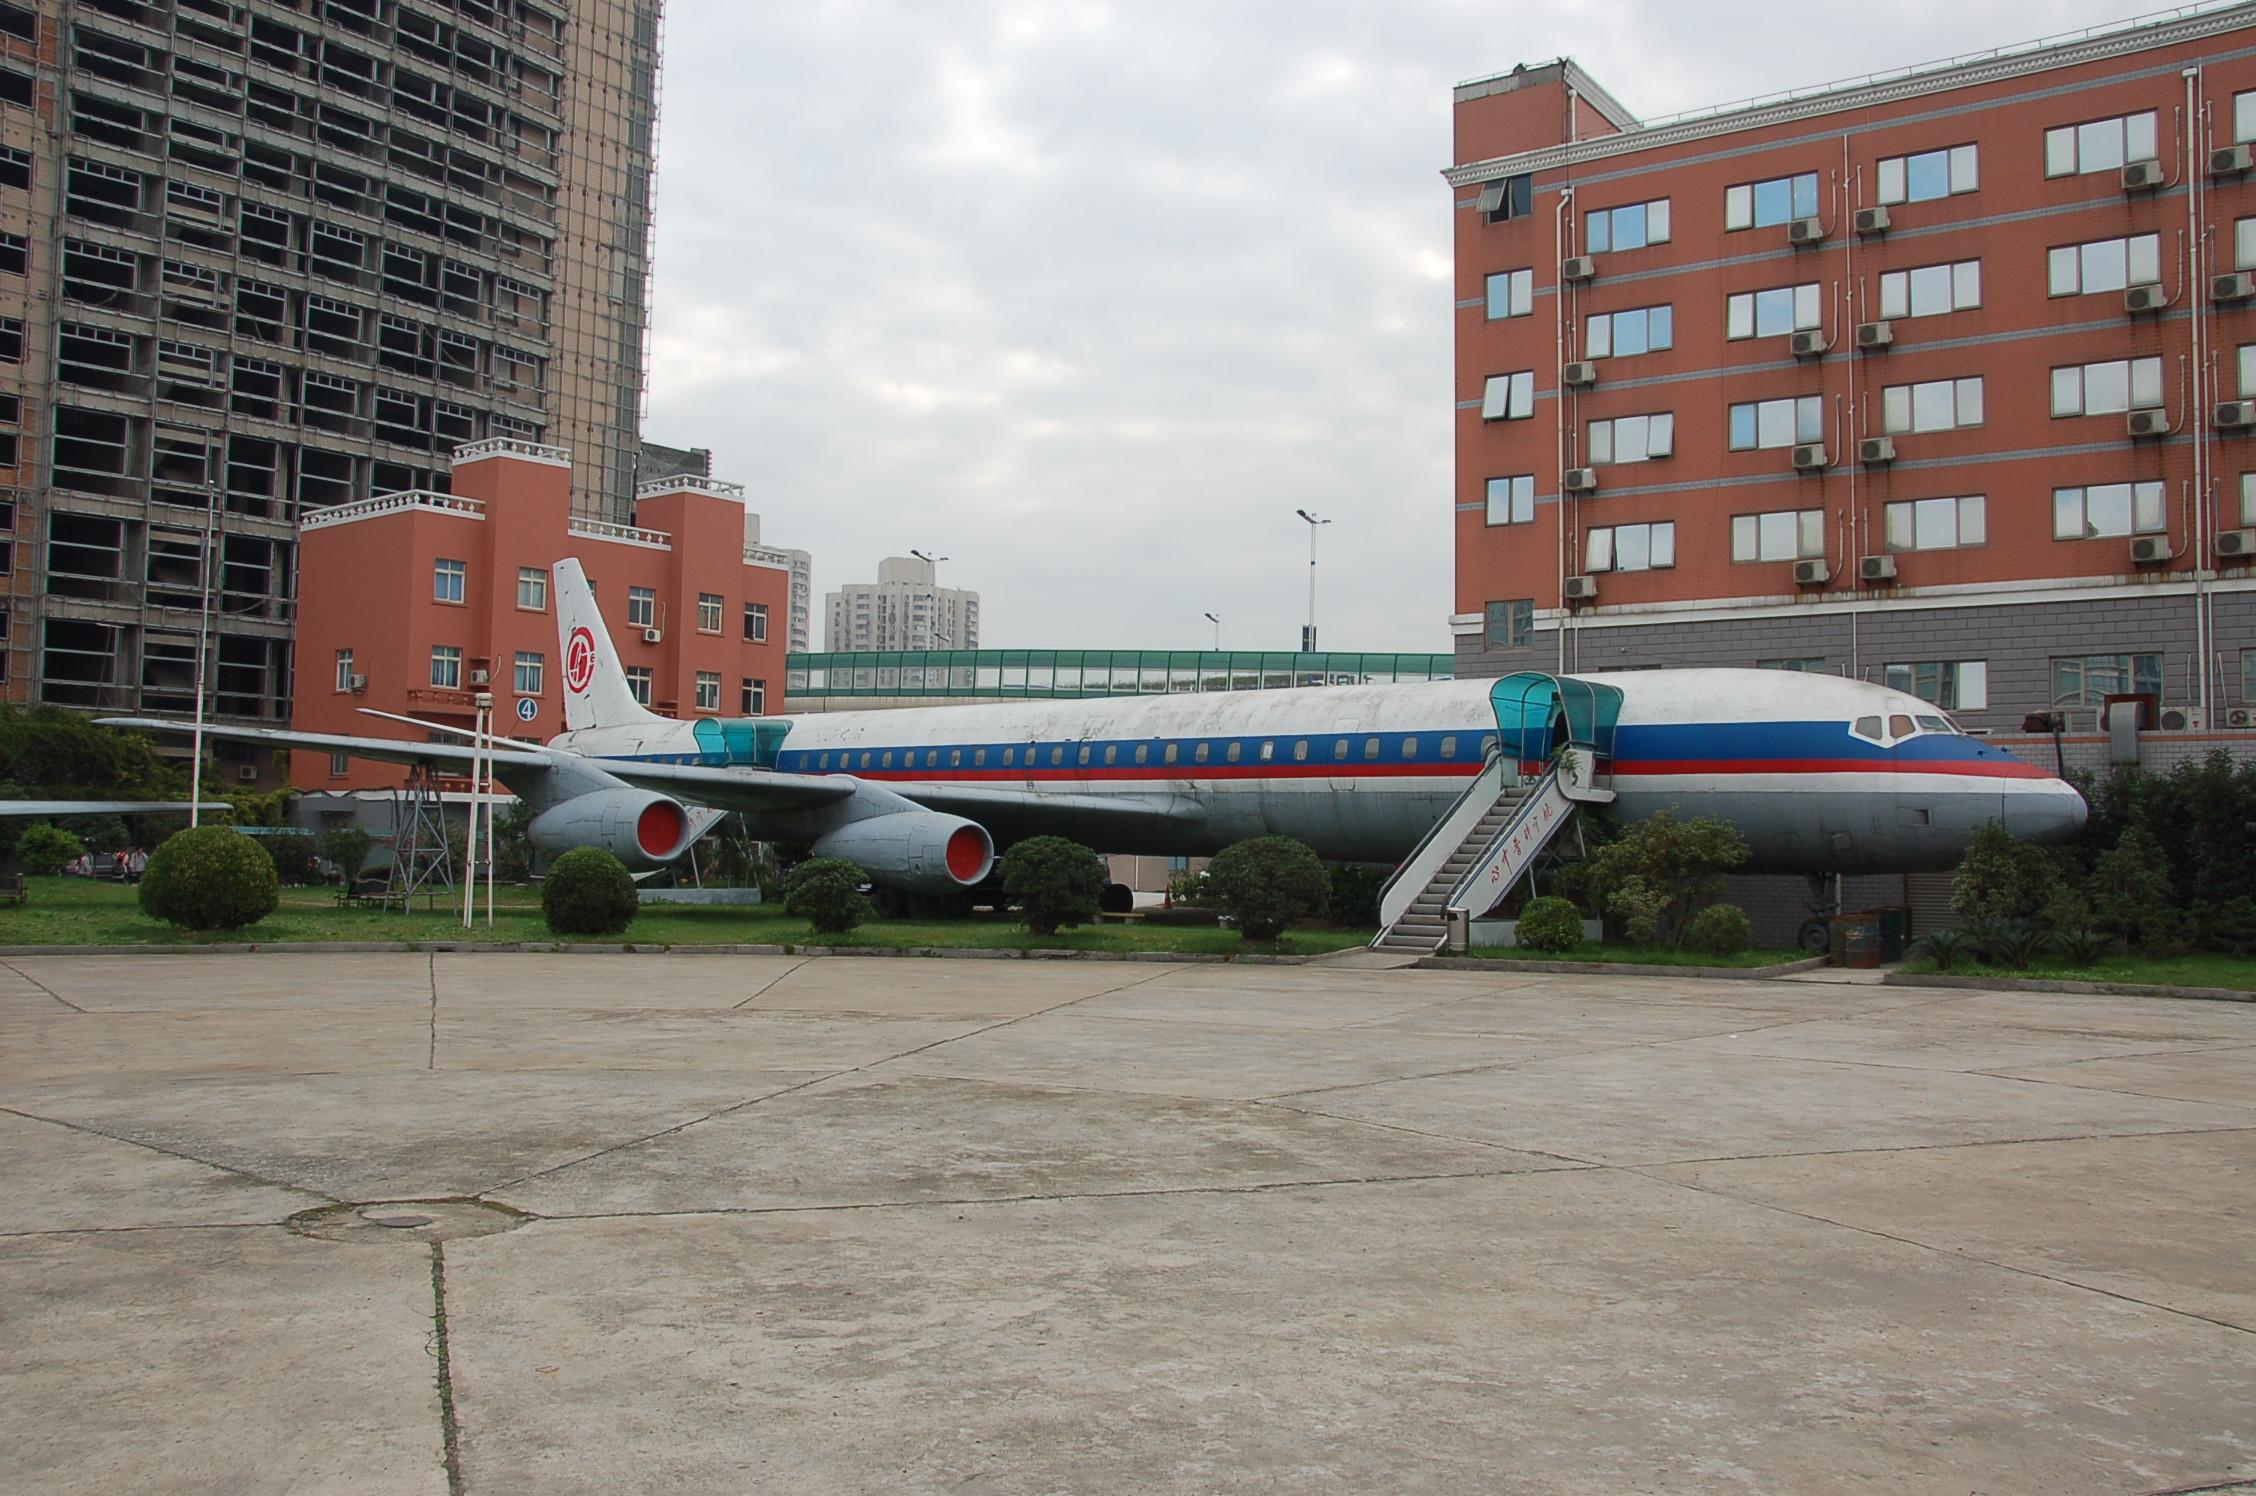 航空 350 墜落 日本 事故 便 日本航空350便墜落事故